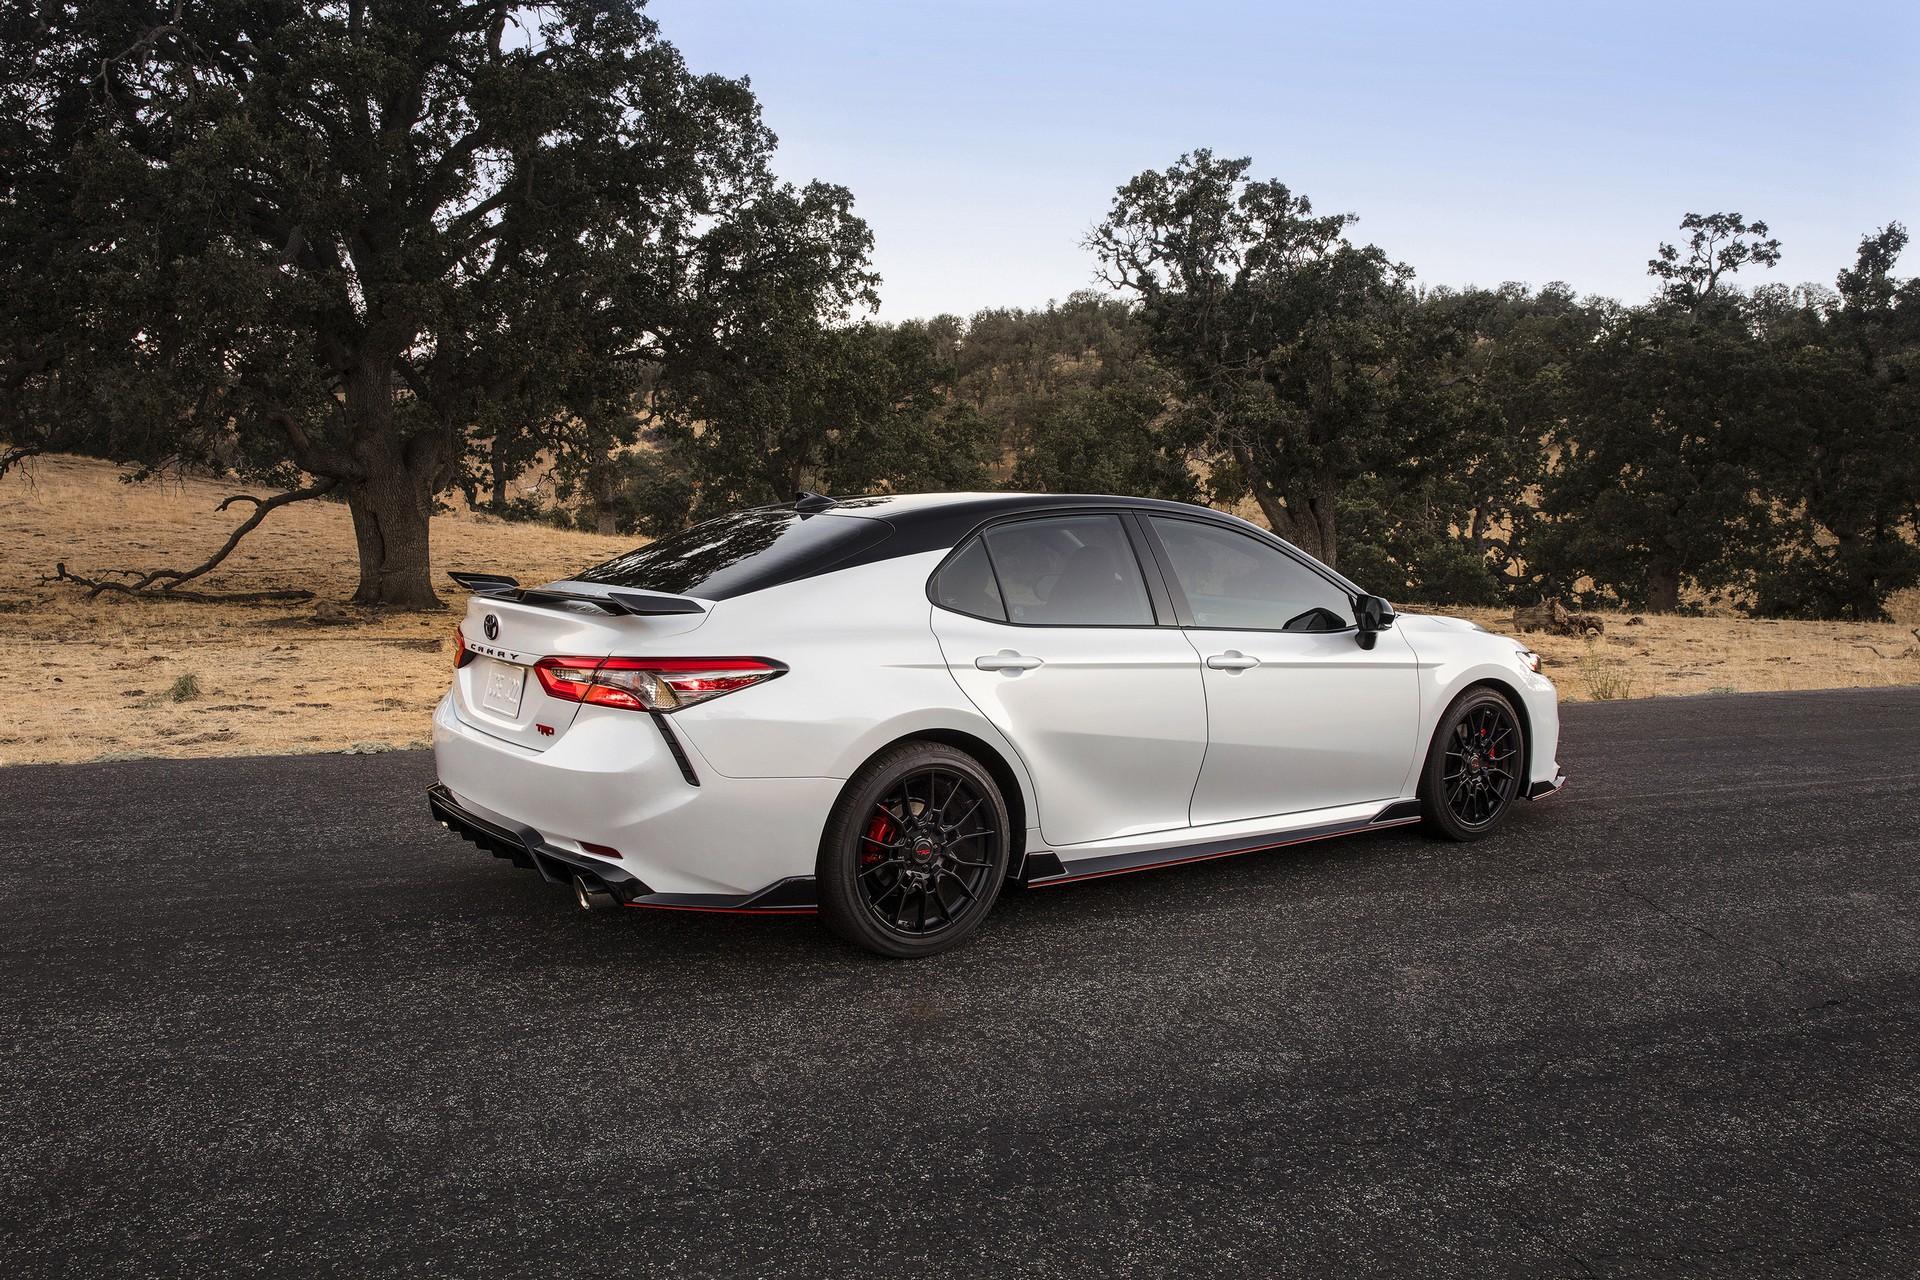 Toyota Camry TRD 2020 ทรงสปอร์ตเตรียมเปิดตัวปลายปีนี้ที่อเมริกา 3